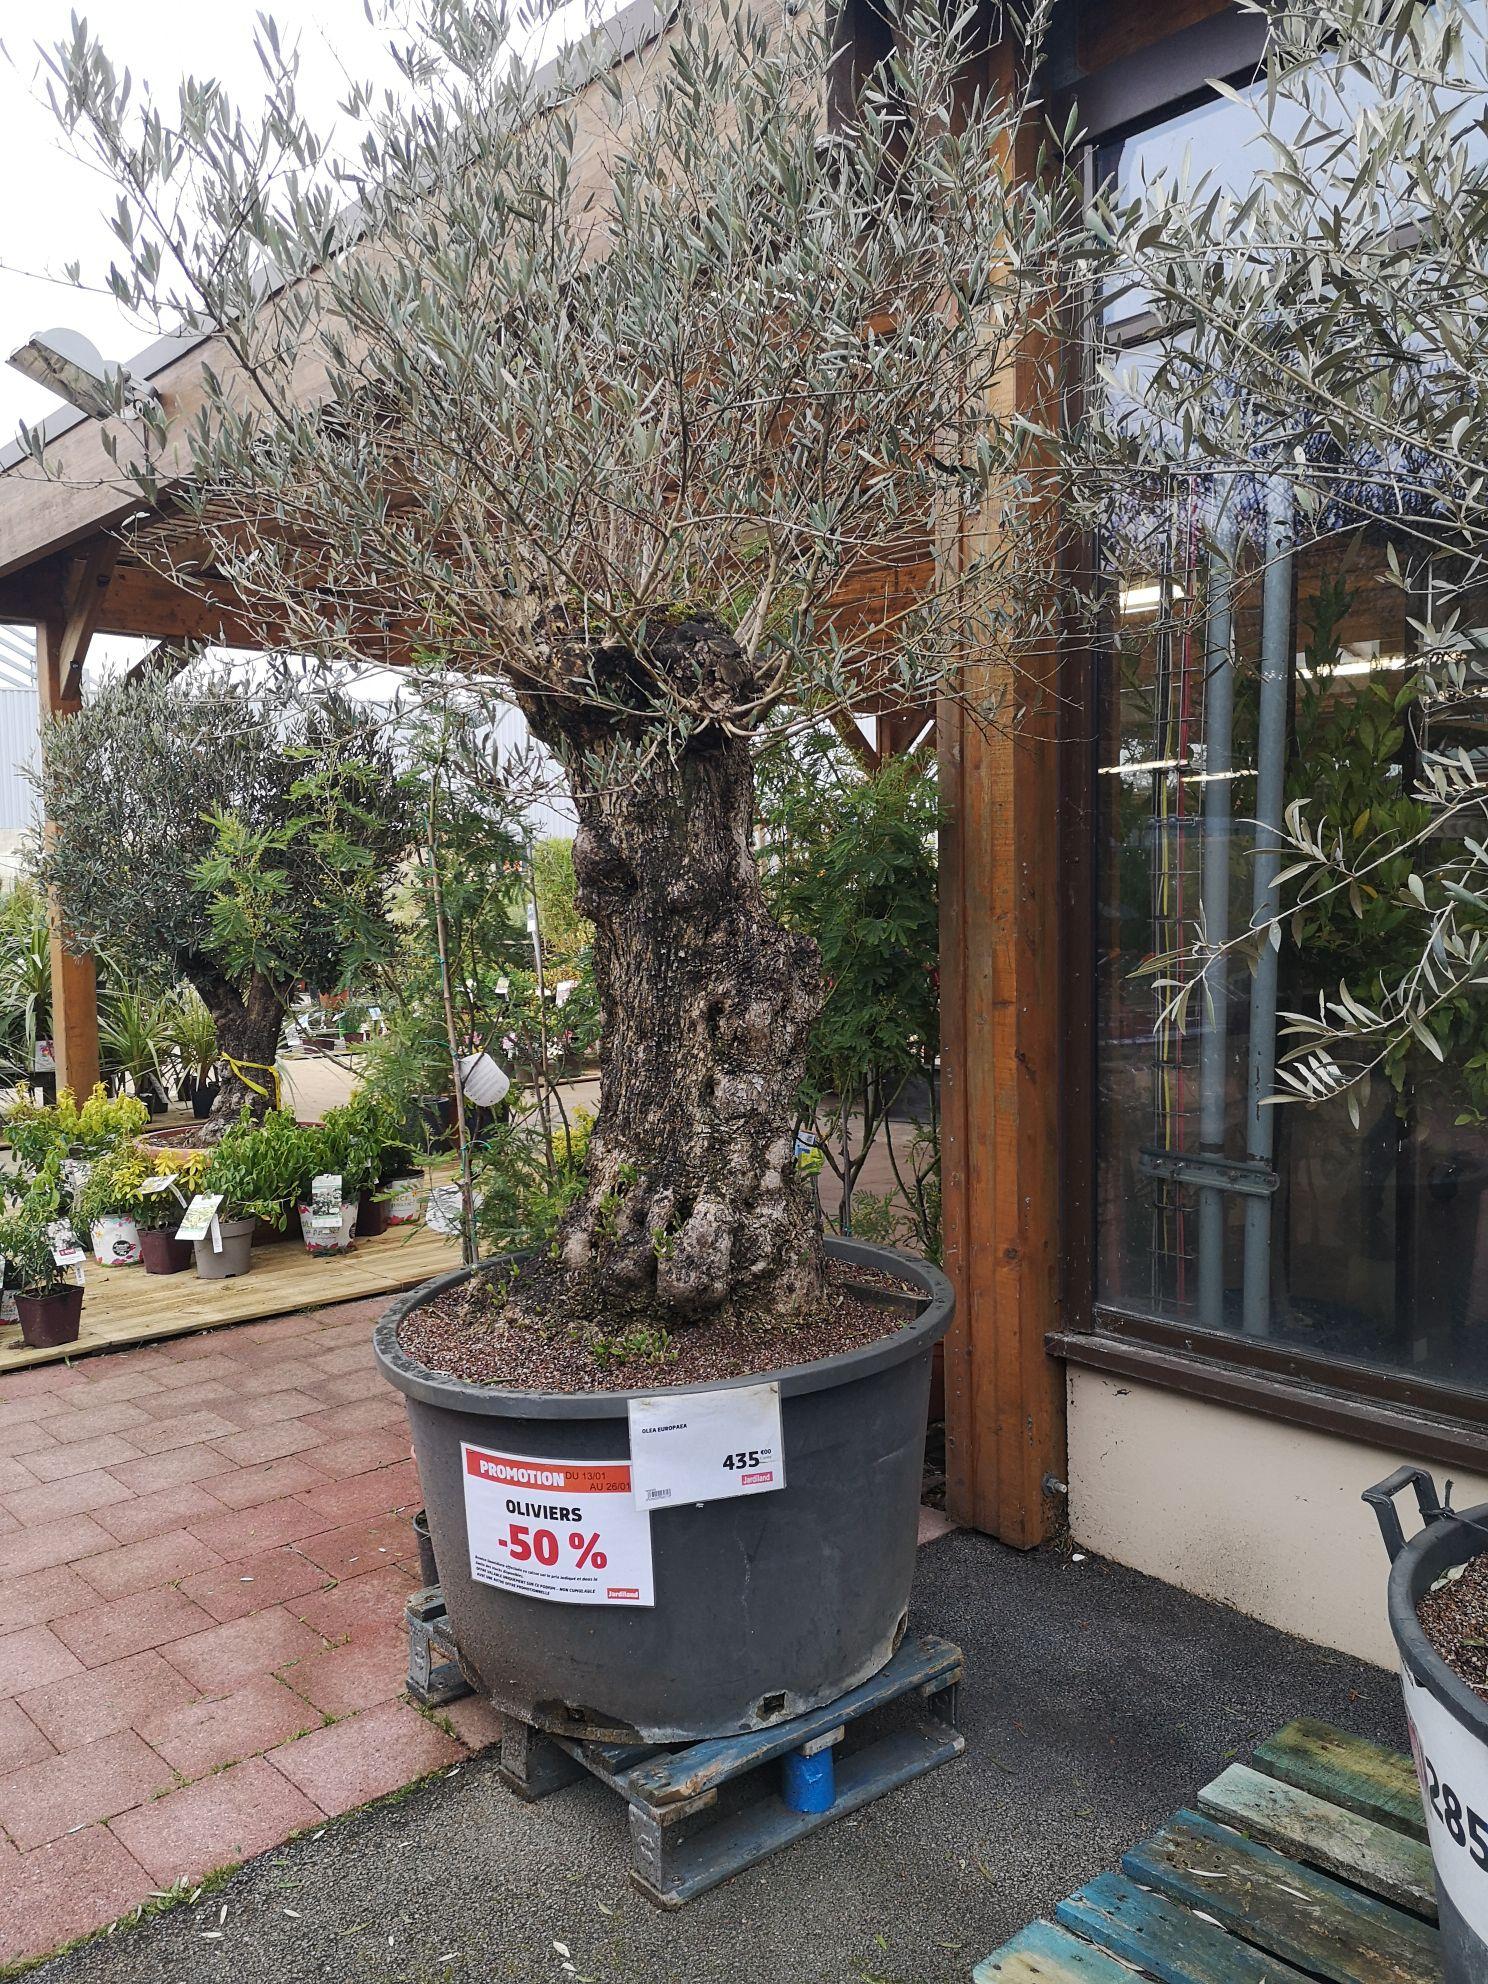 50% de réduction sur les oliviers -- La Roche Sur Yon (85)